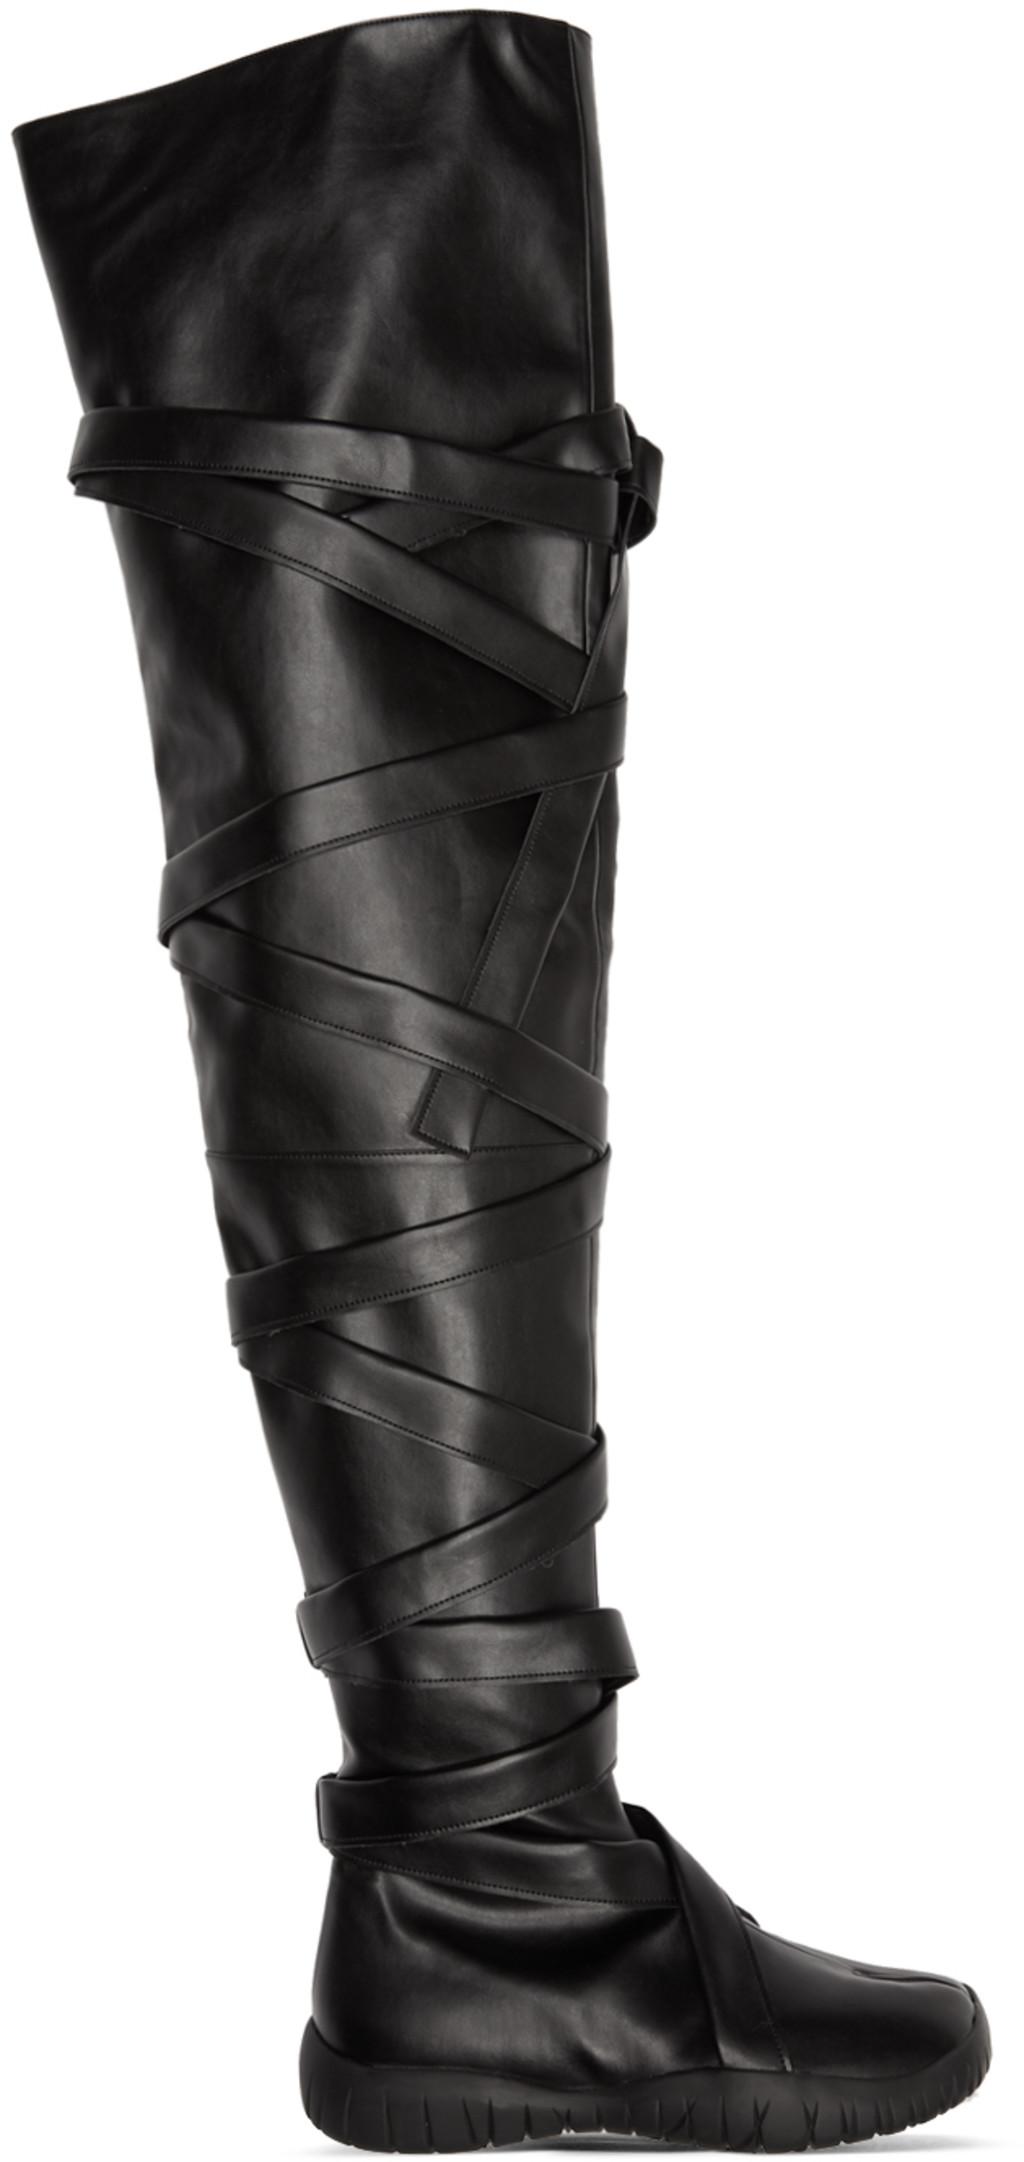 06a850042326c Designer tall boots for Women | SSENSE